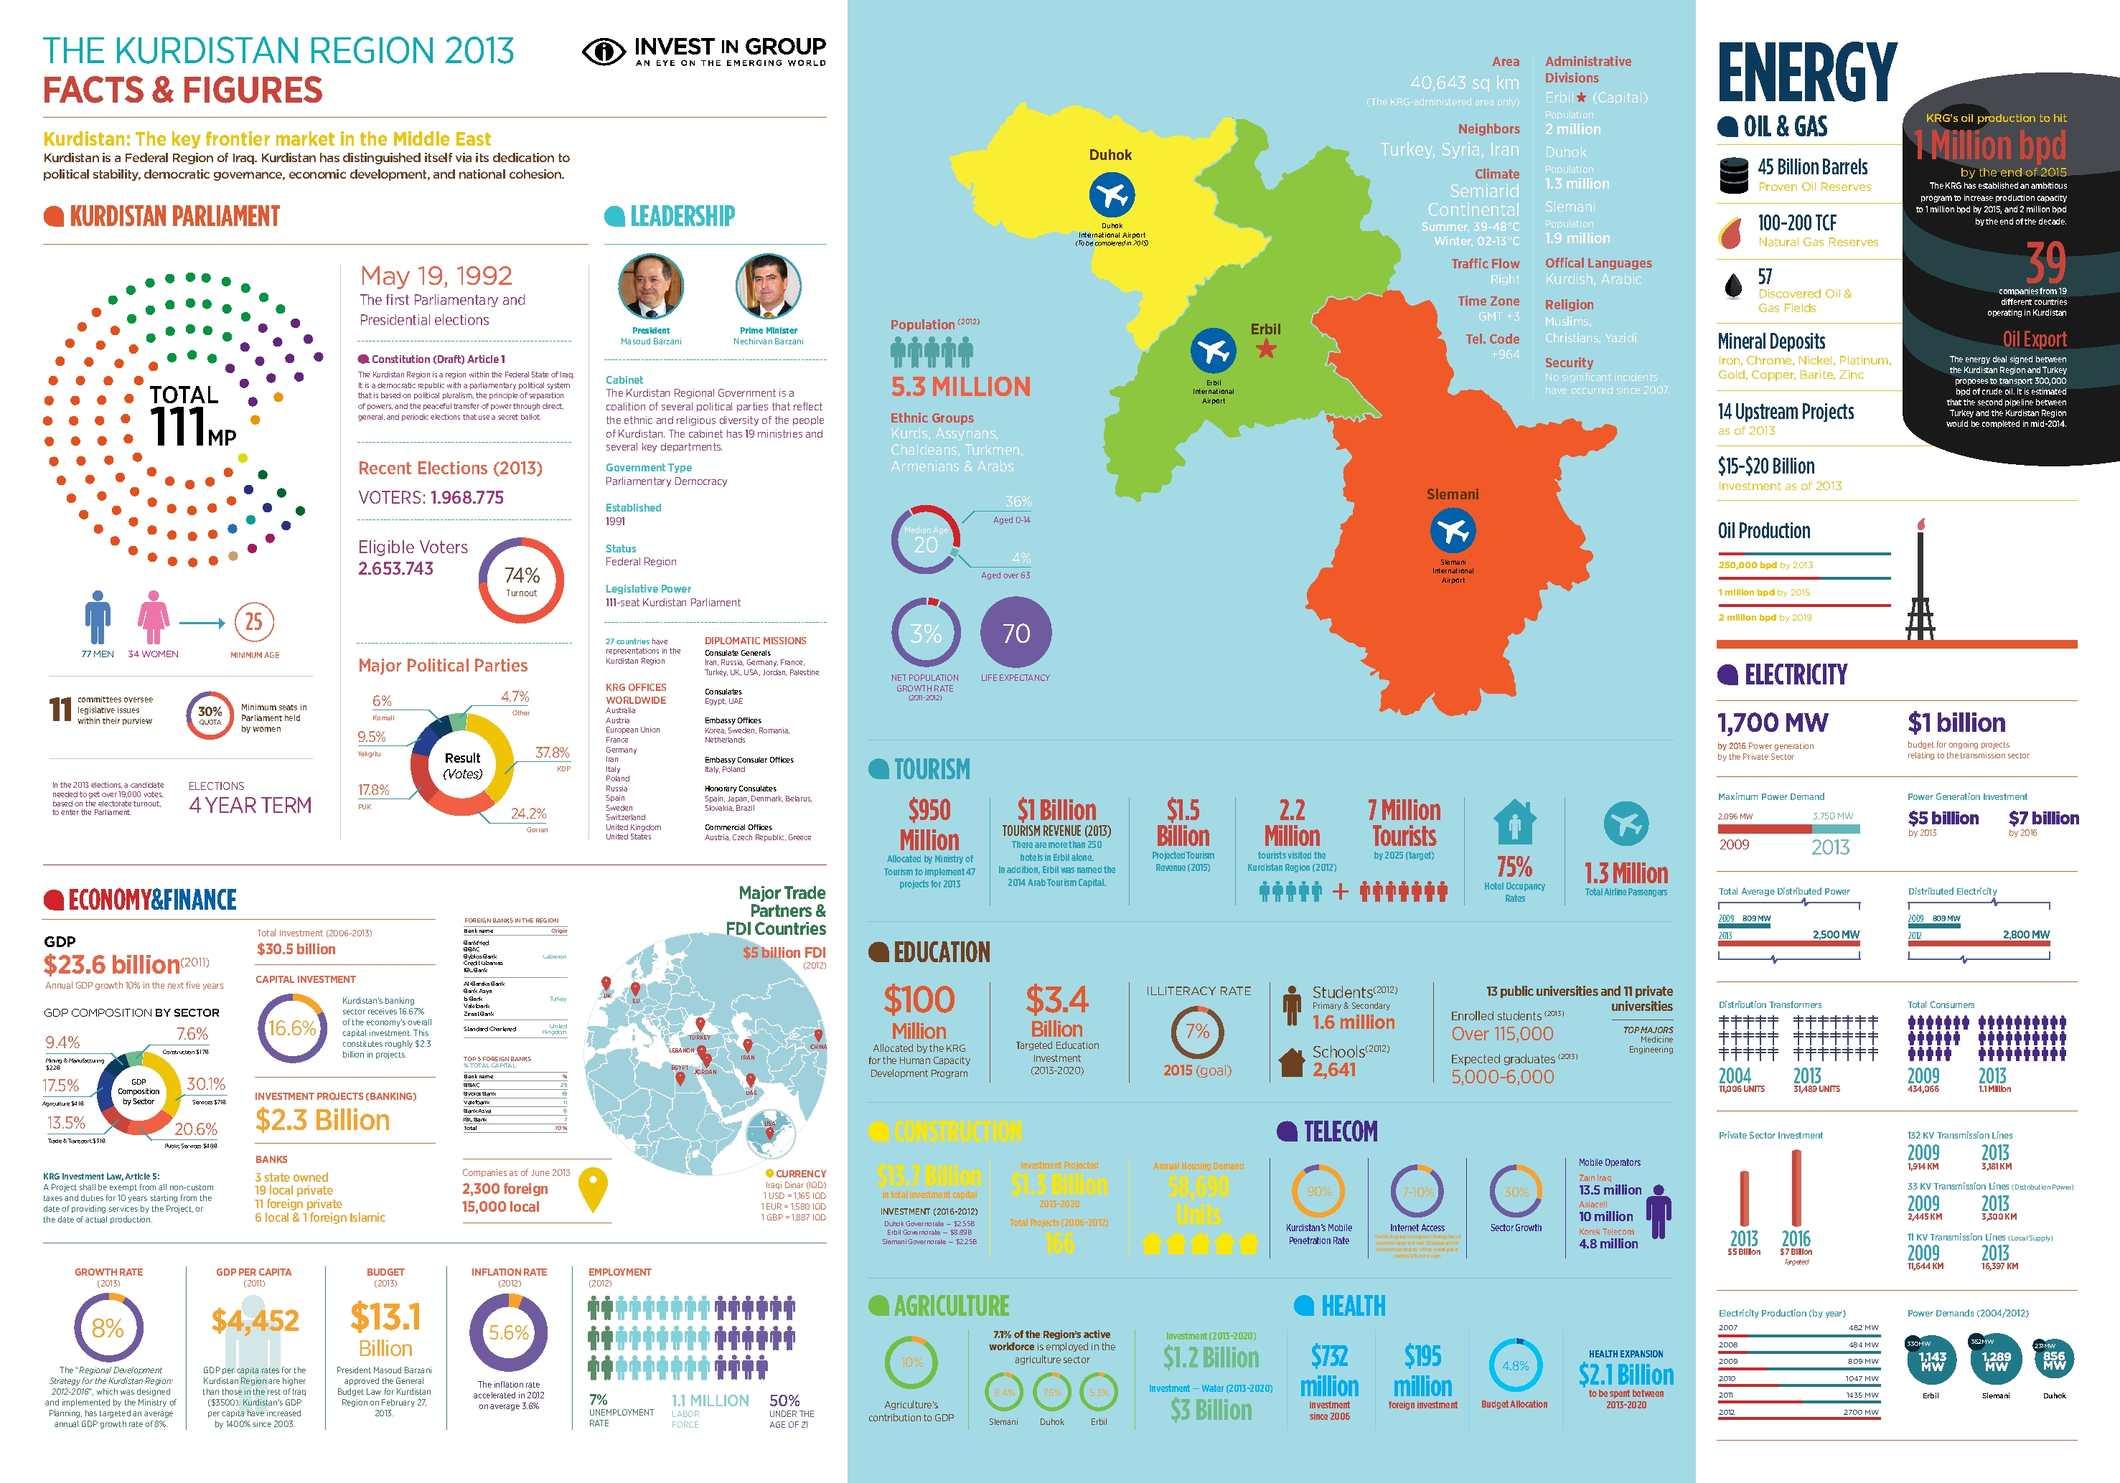 Kurdistan Facts & Figures 2013